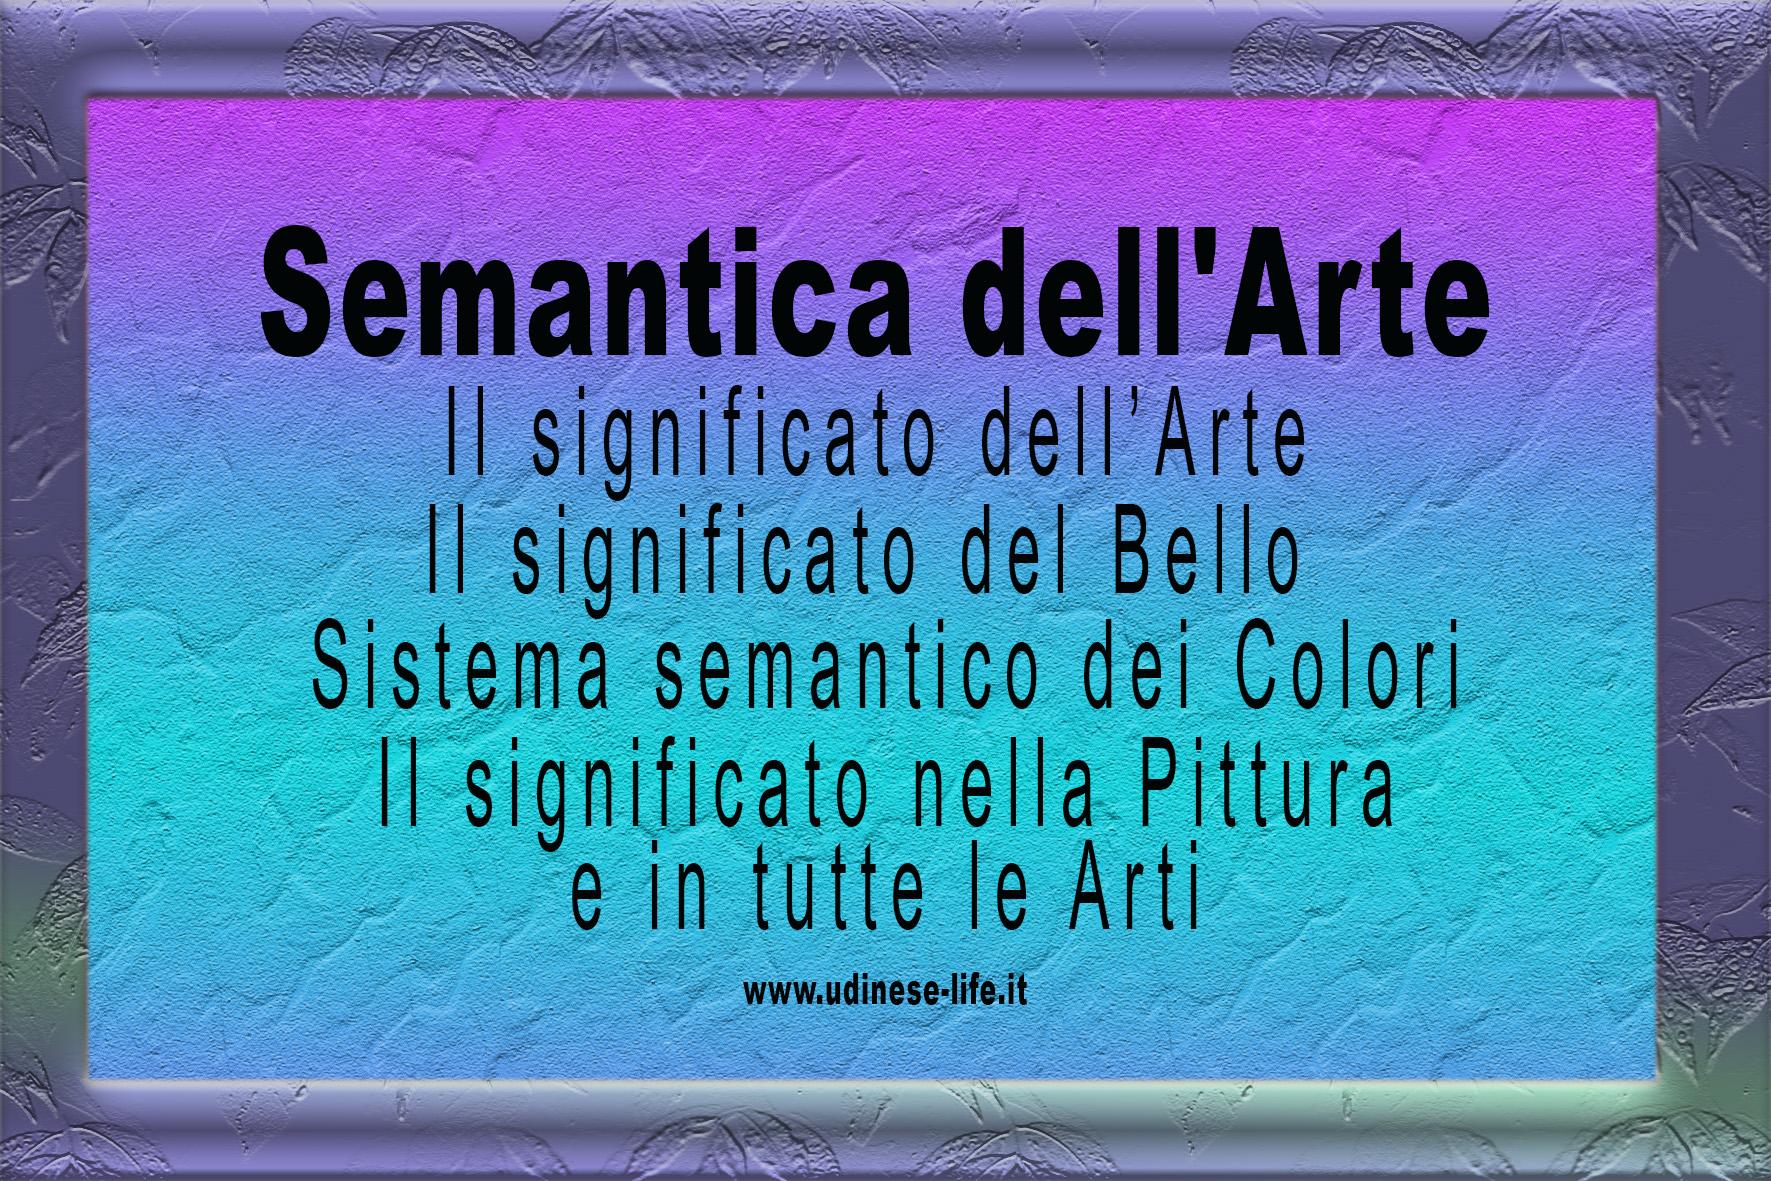 Semantica dell'arte-11